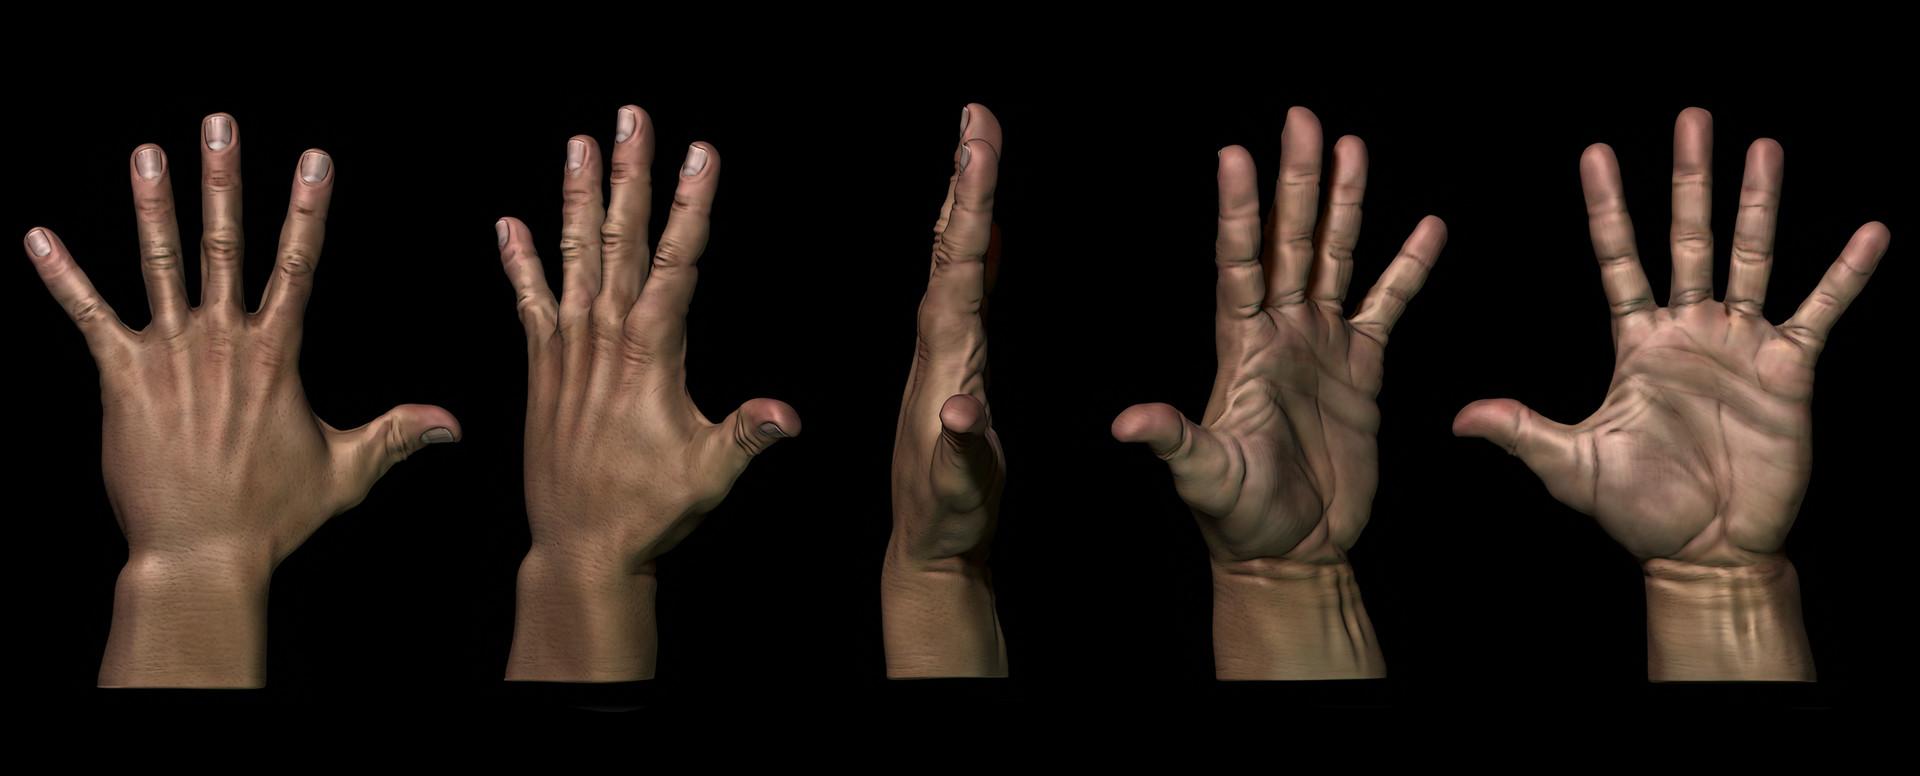 Jaime Asins Ferrandiz Hand Anatomy